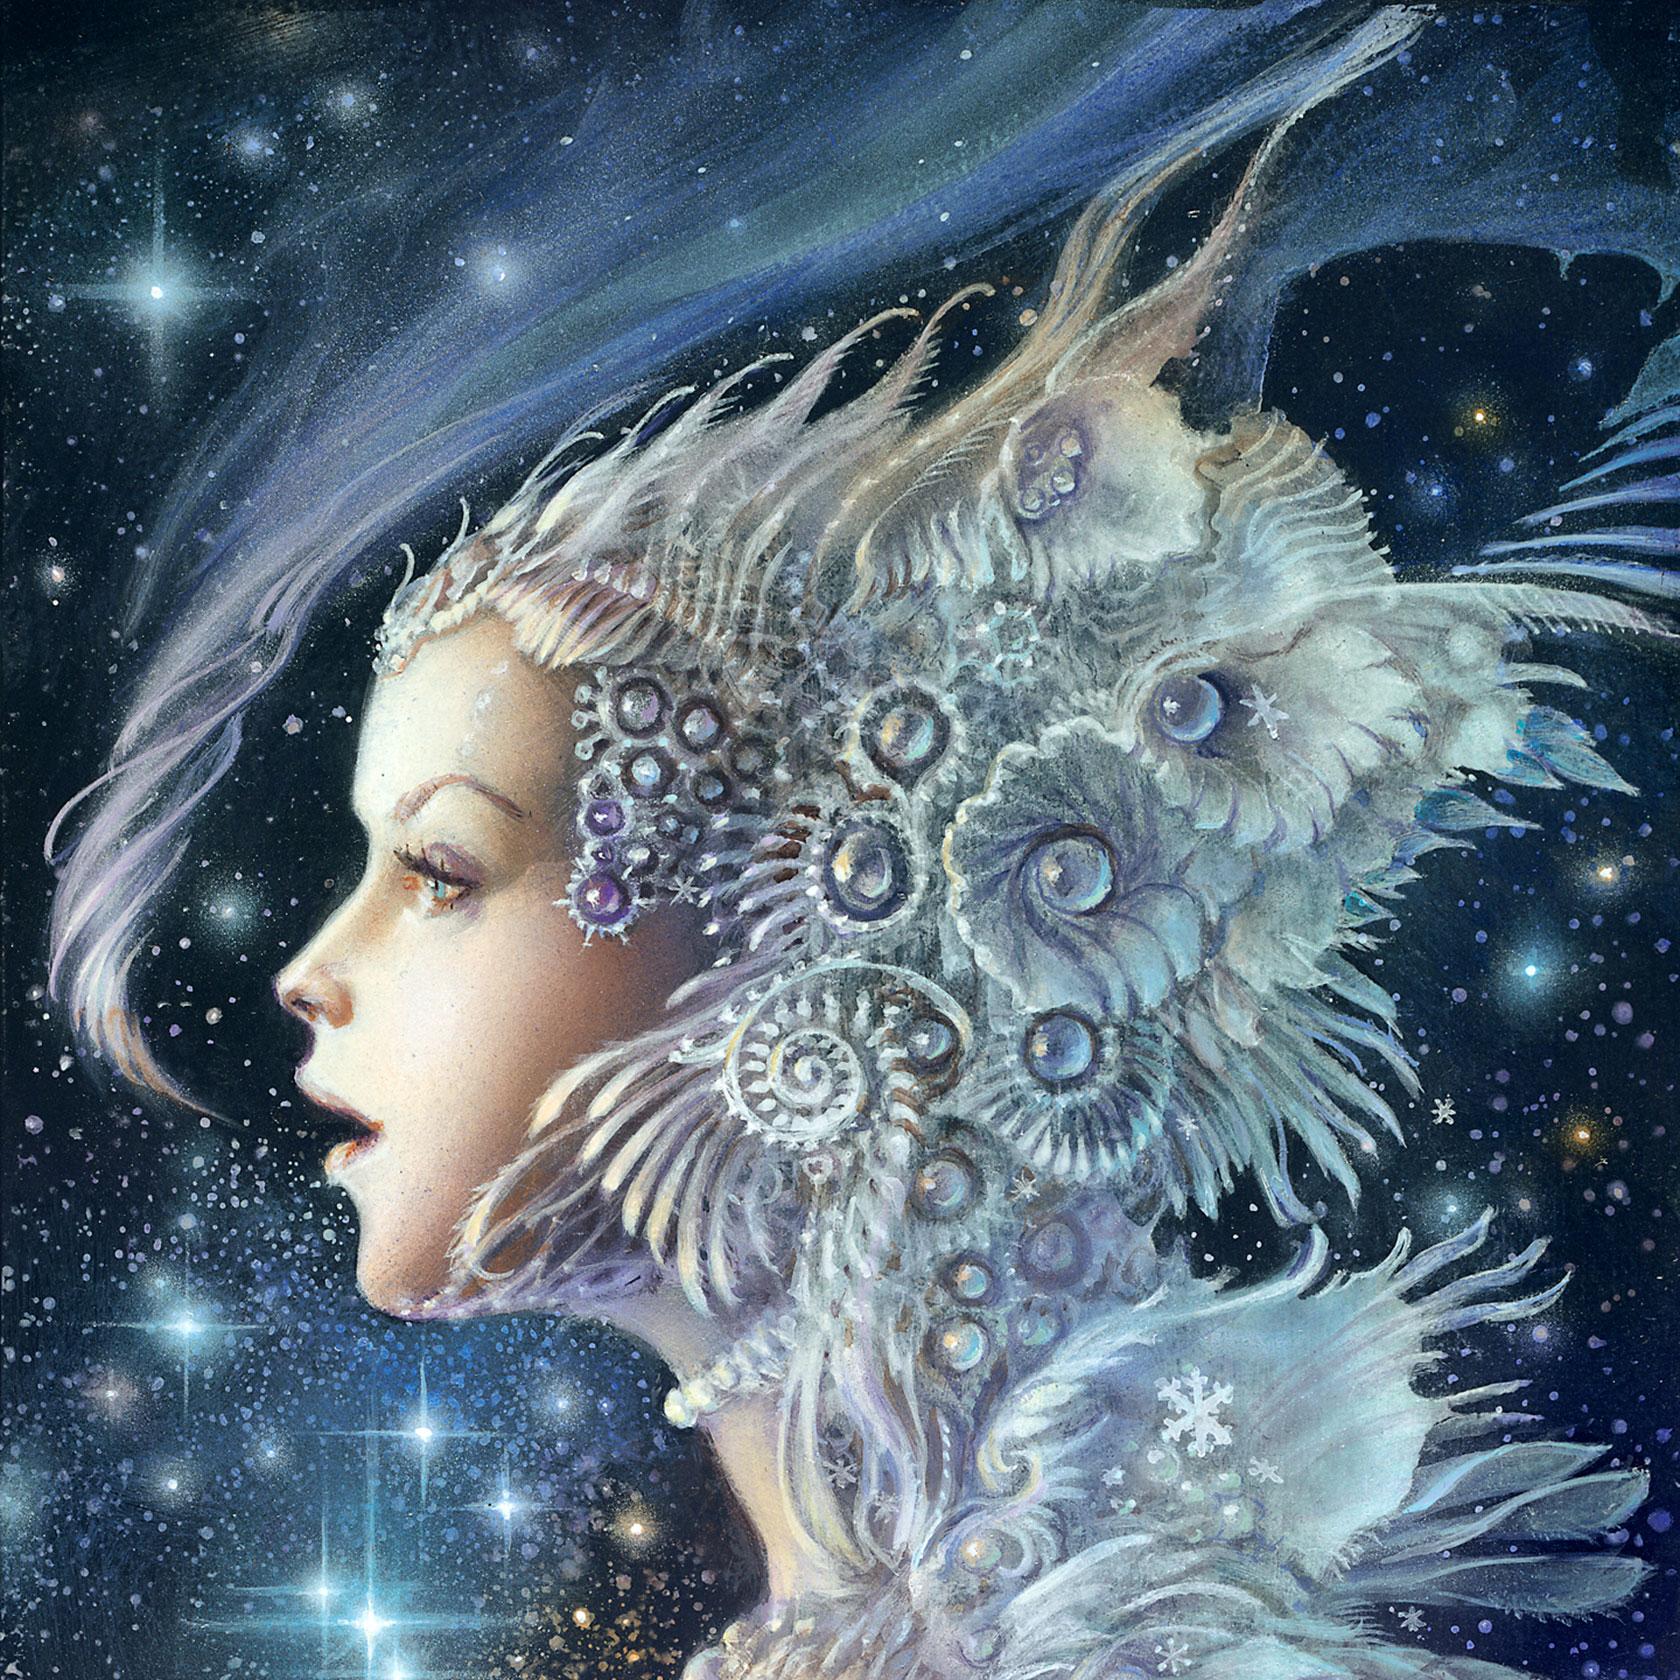 Nightfrost